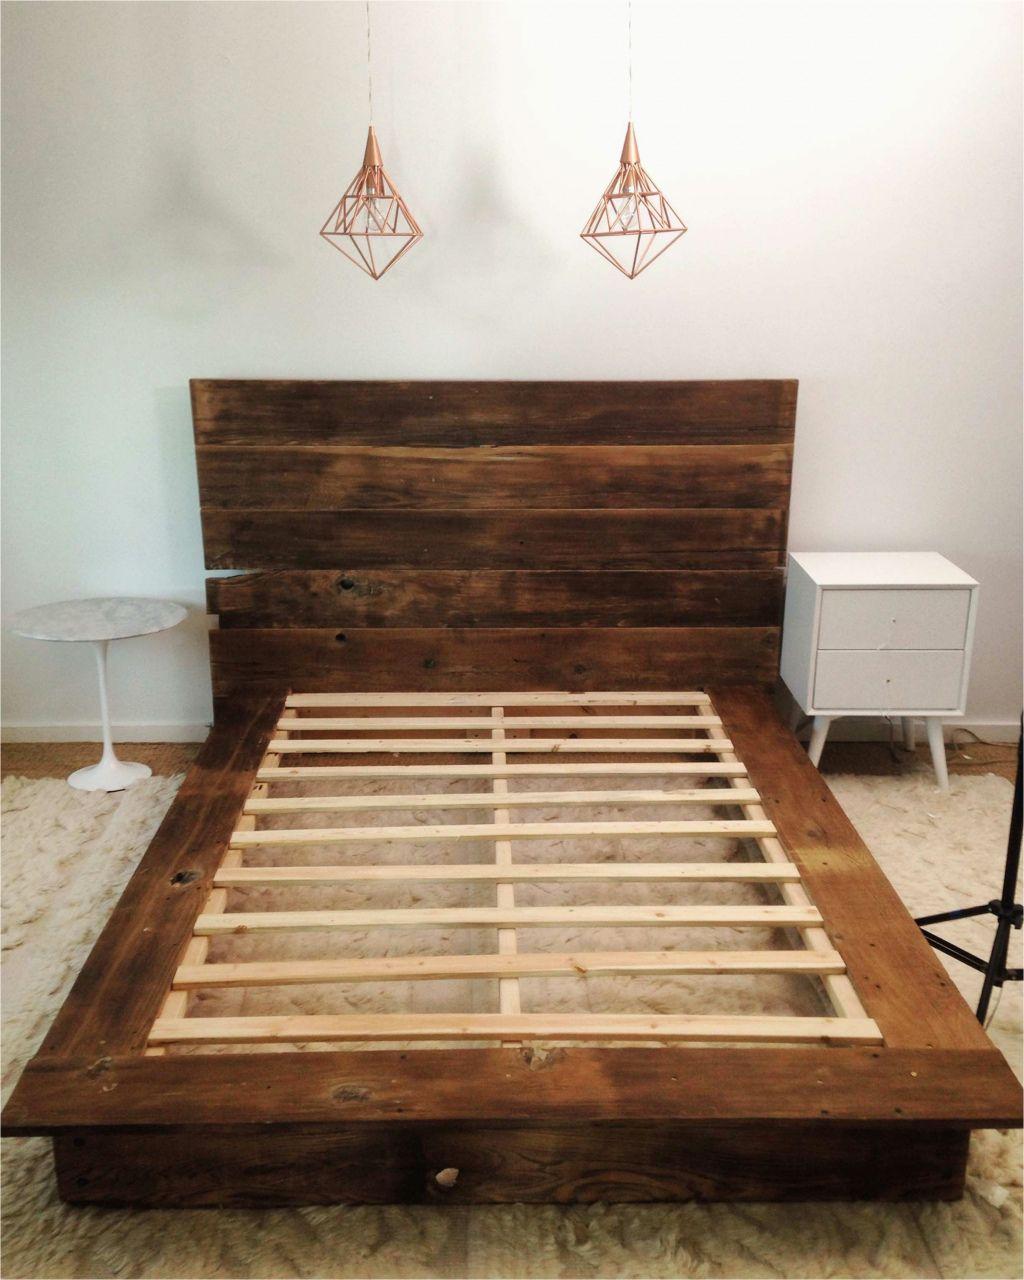 6 Unique Bed Frame Diy Wood Ideas -   diy Bed Frame platform